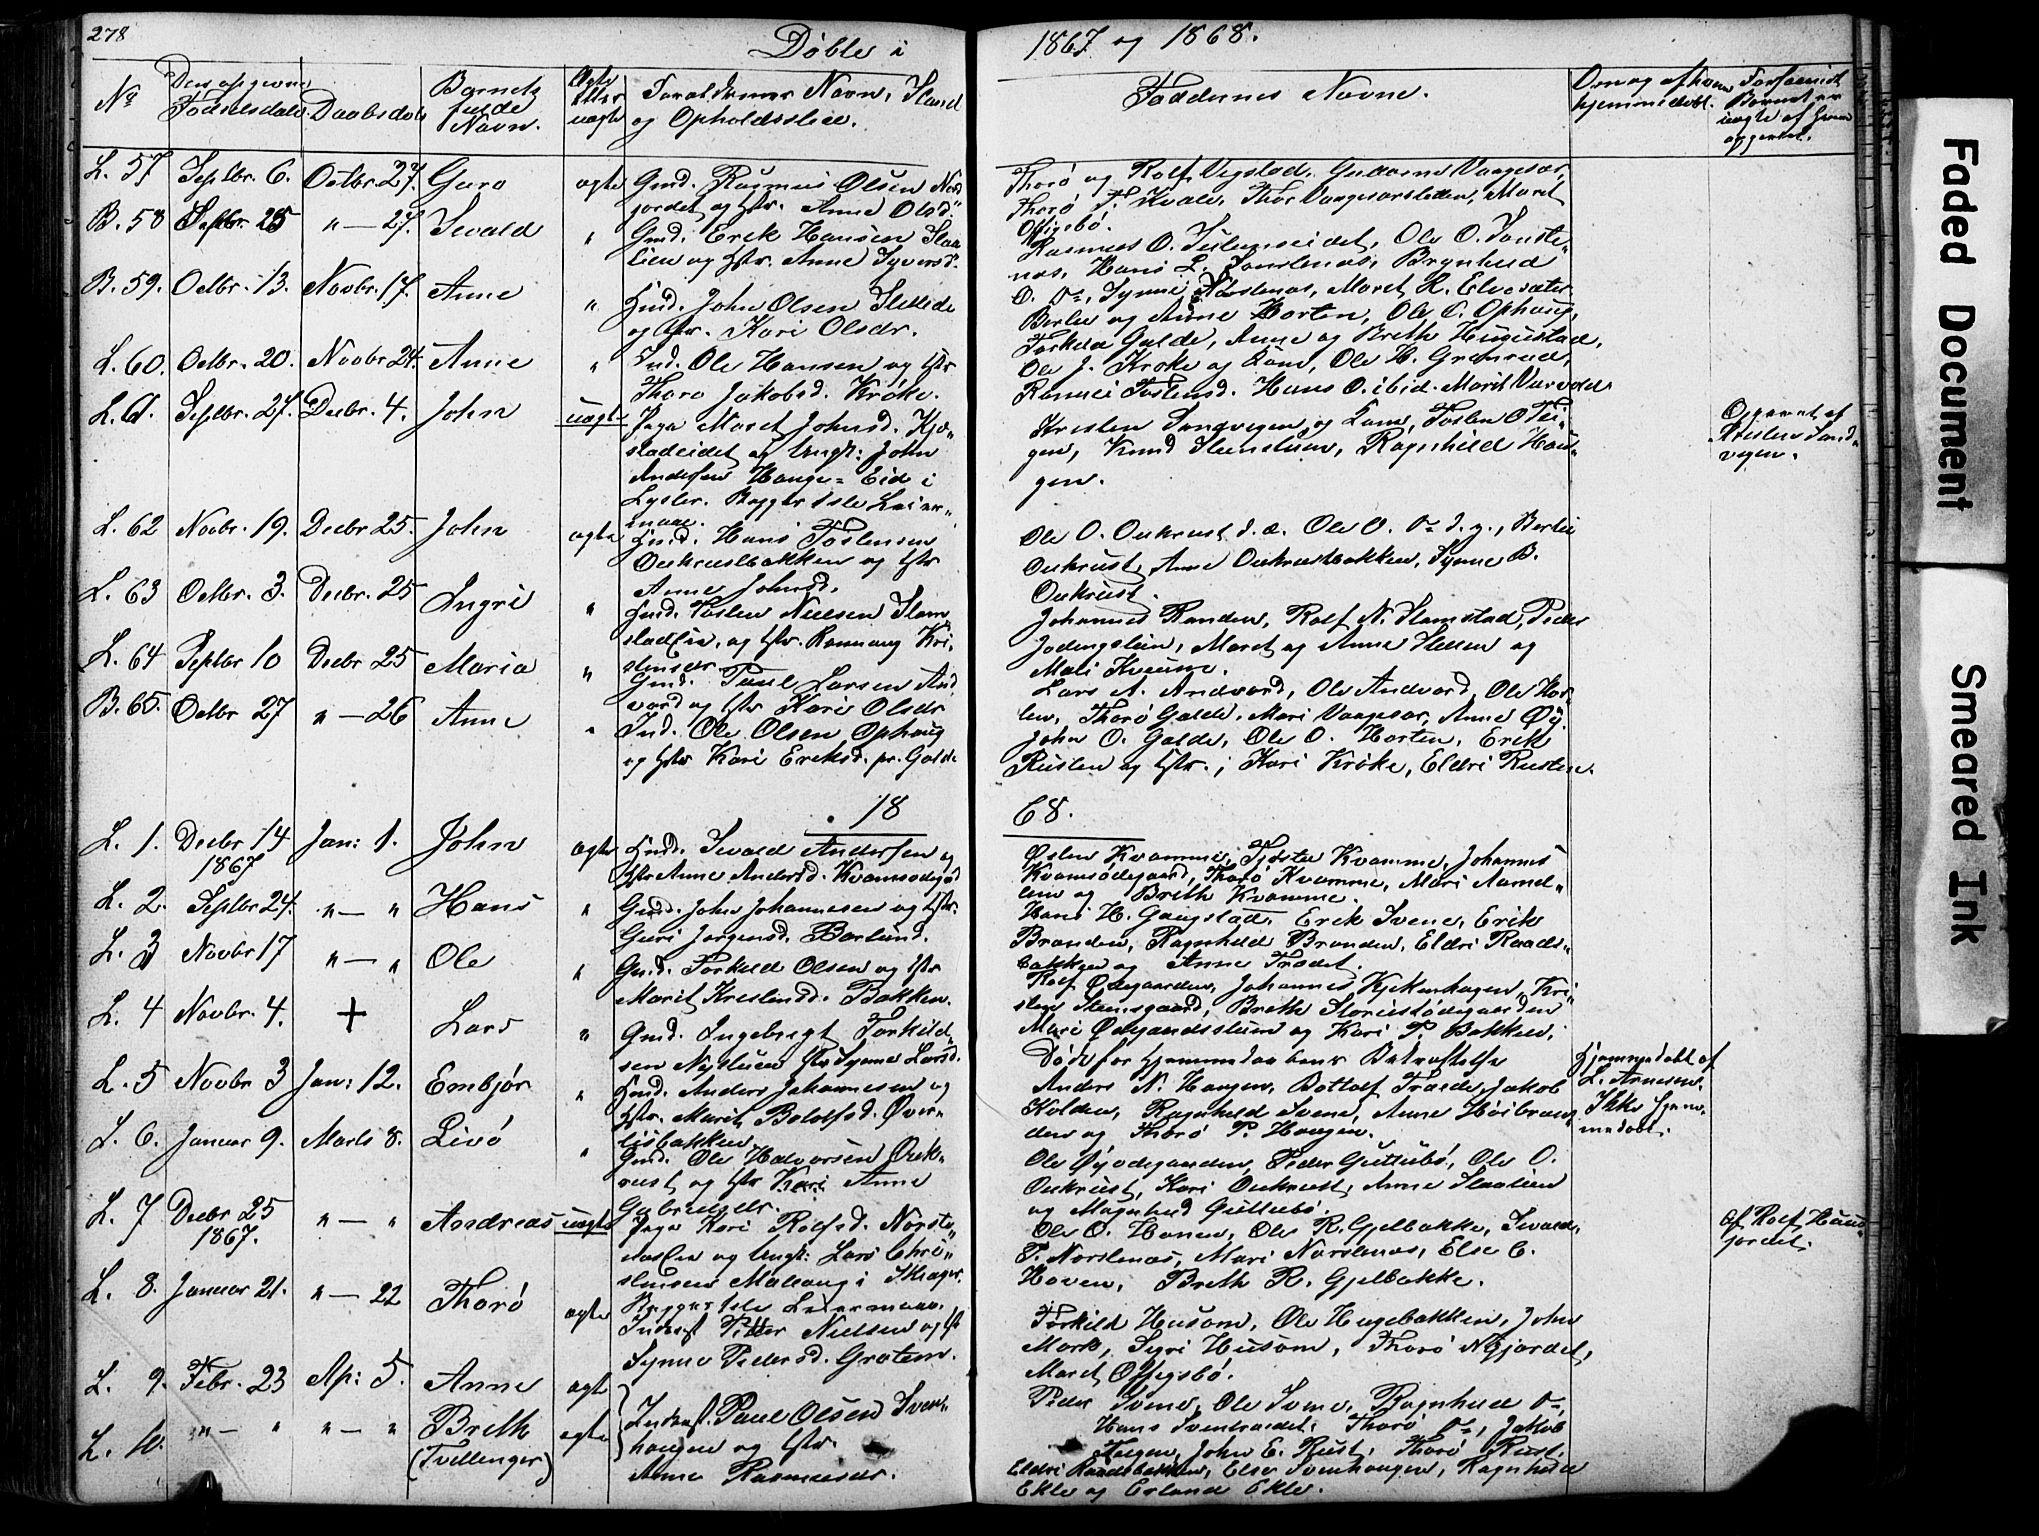 SAH, Lom prestekontor, L/L0012: Klokkerbok nr. 12, 1845-1873, s. 278-279